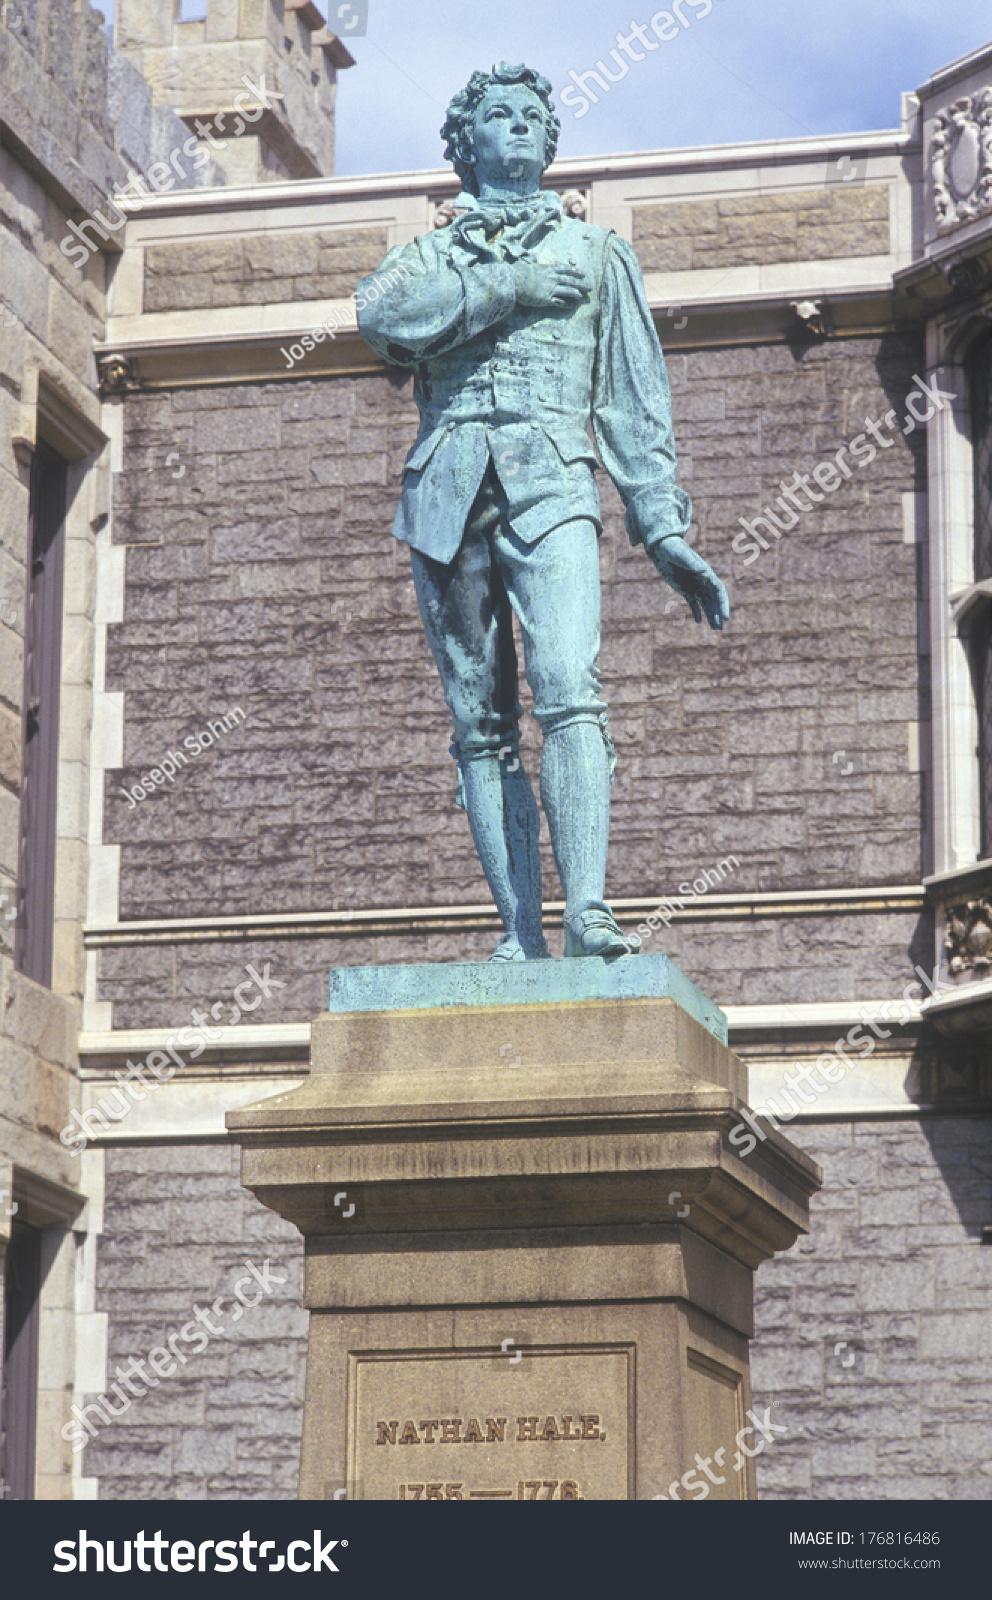 内森黑尔,革命战争的爱国者雕像-艺术